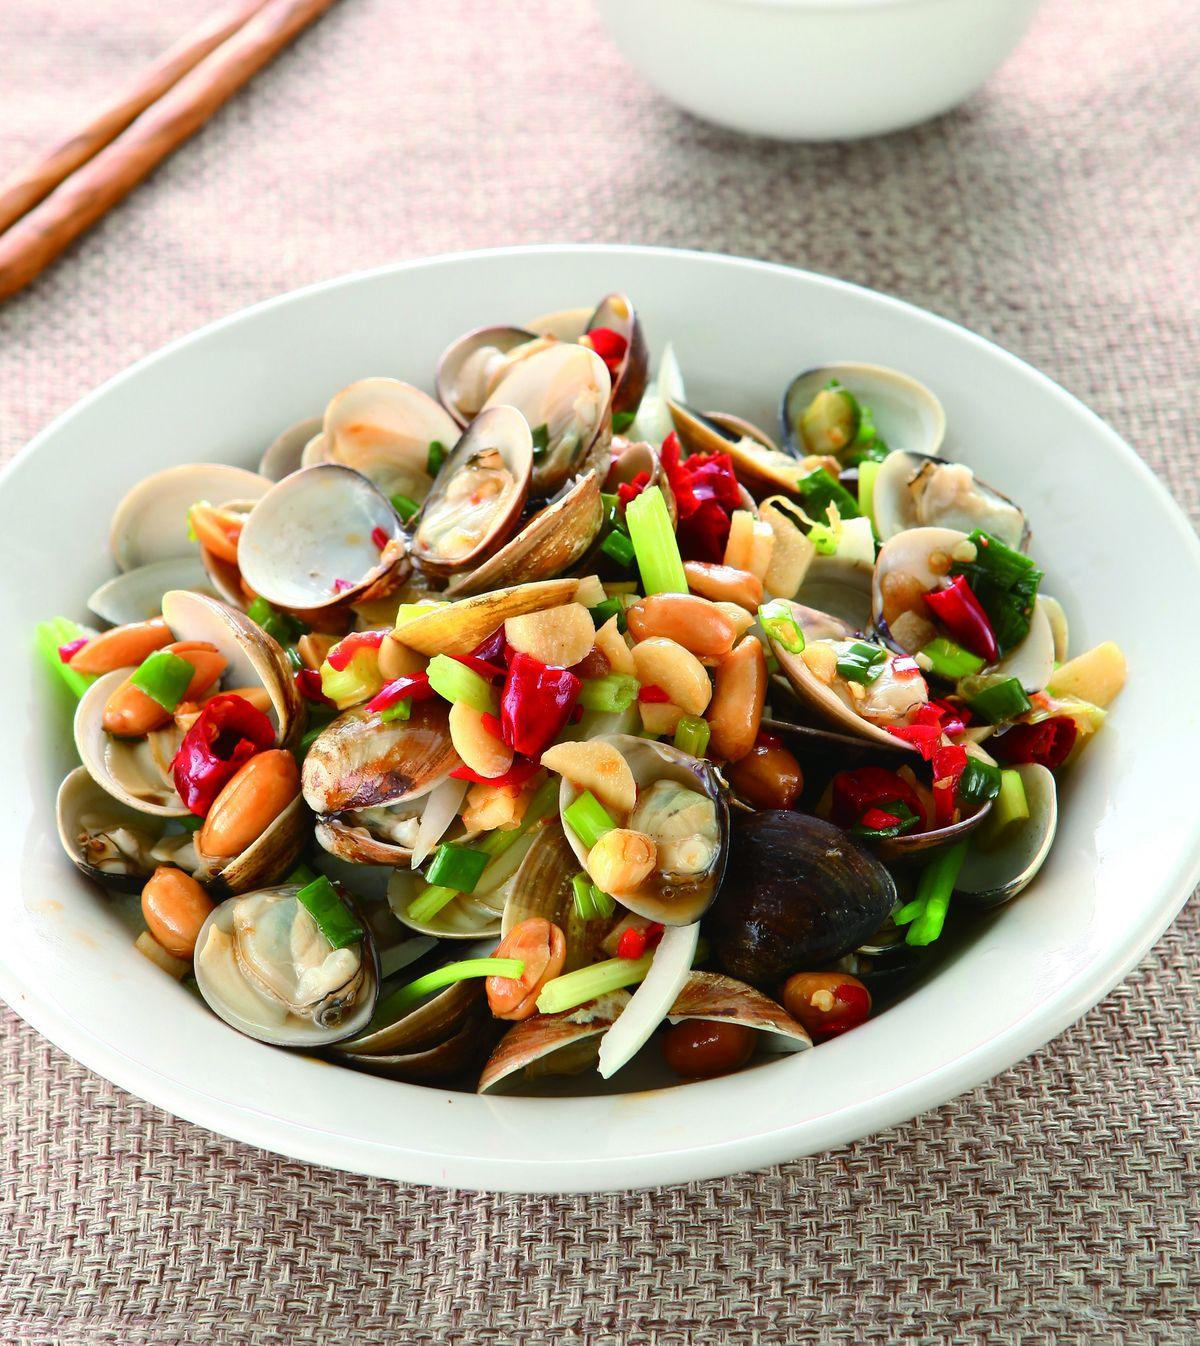 食譜:宮保醬拌蛤蜊